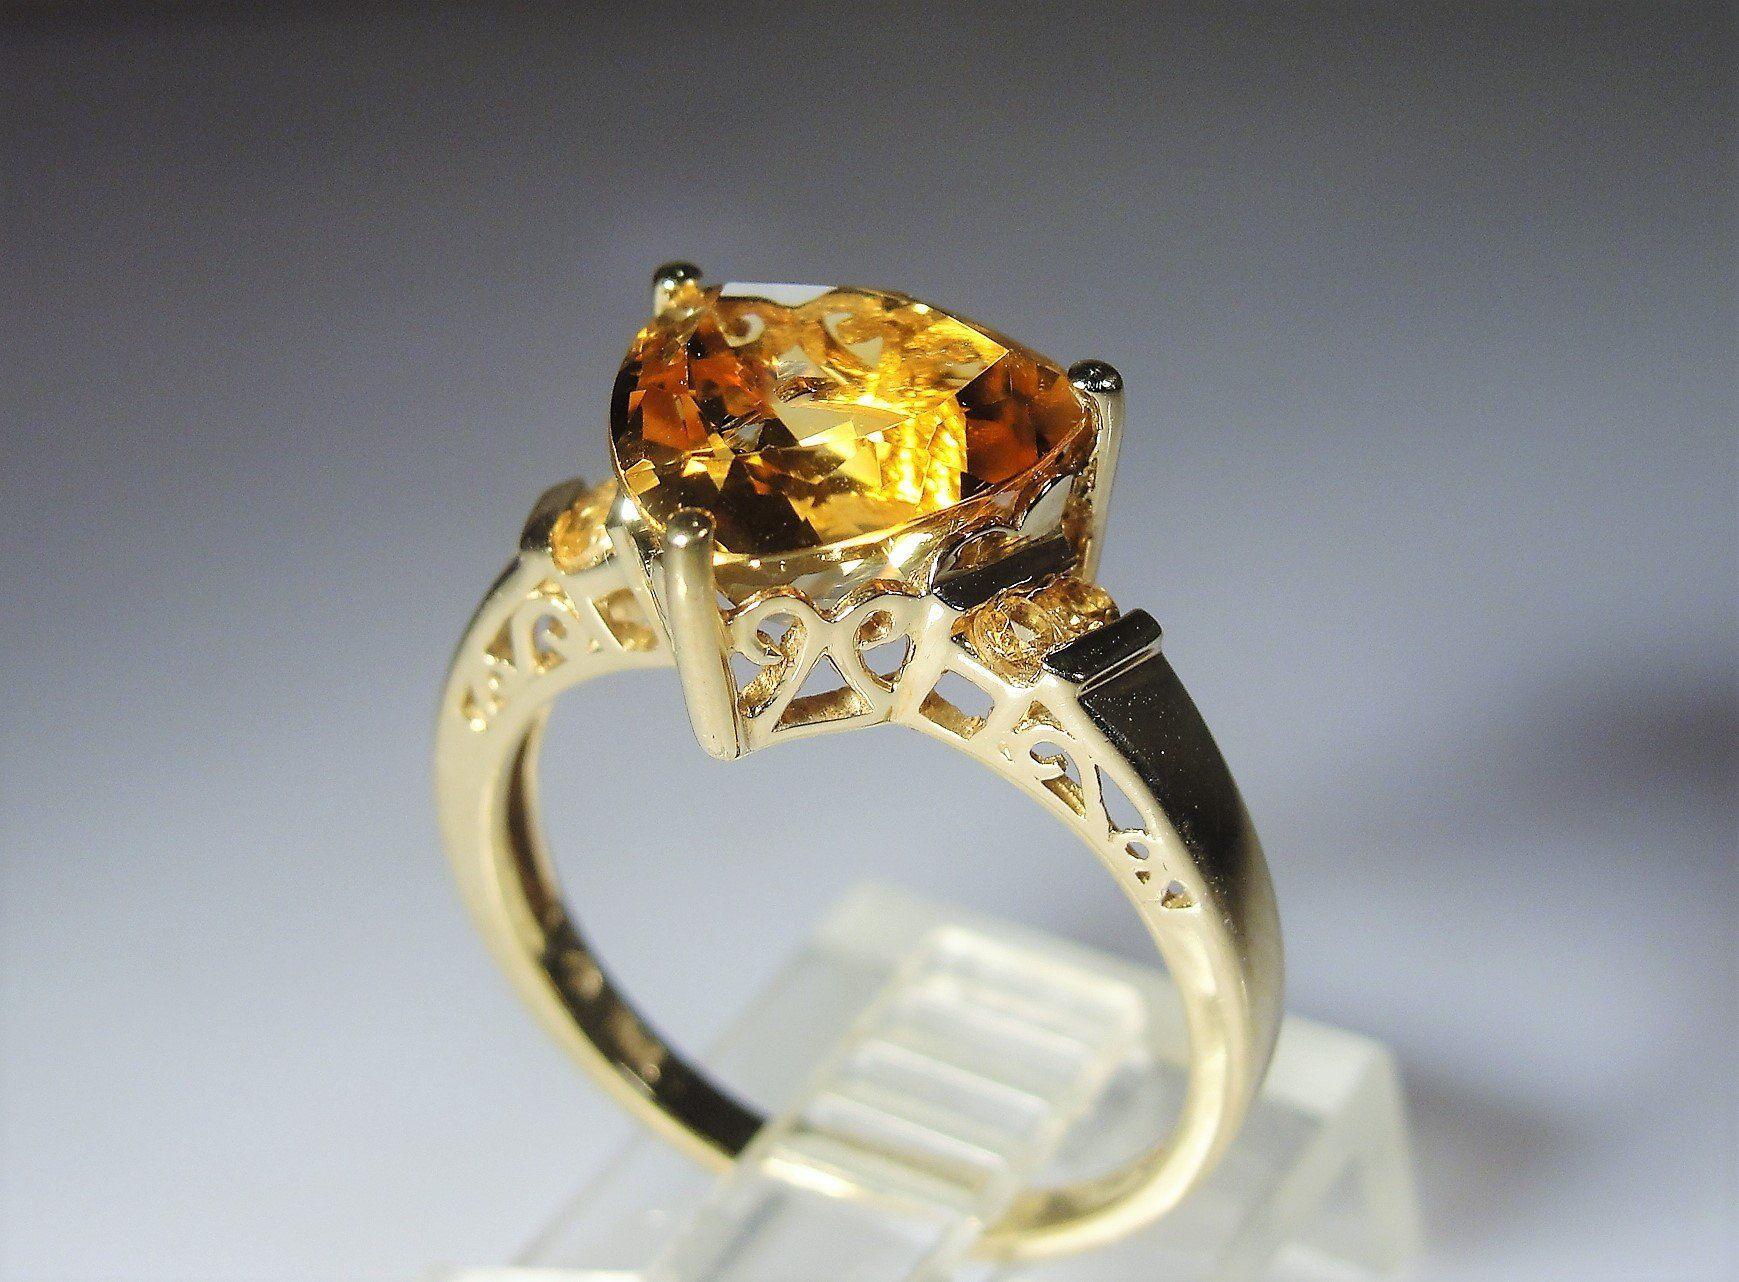 10k Trillion Cut Citrine Ring Golden Art Deco Style 3 Ct Vintage